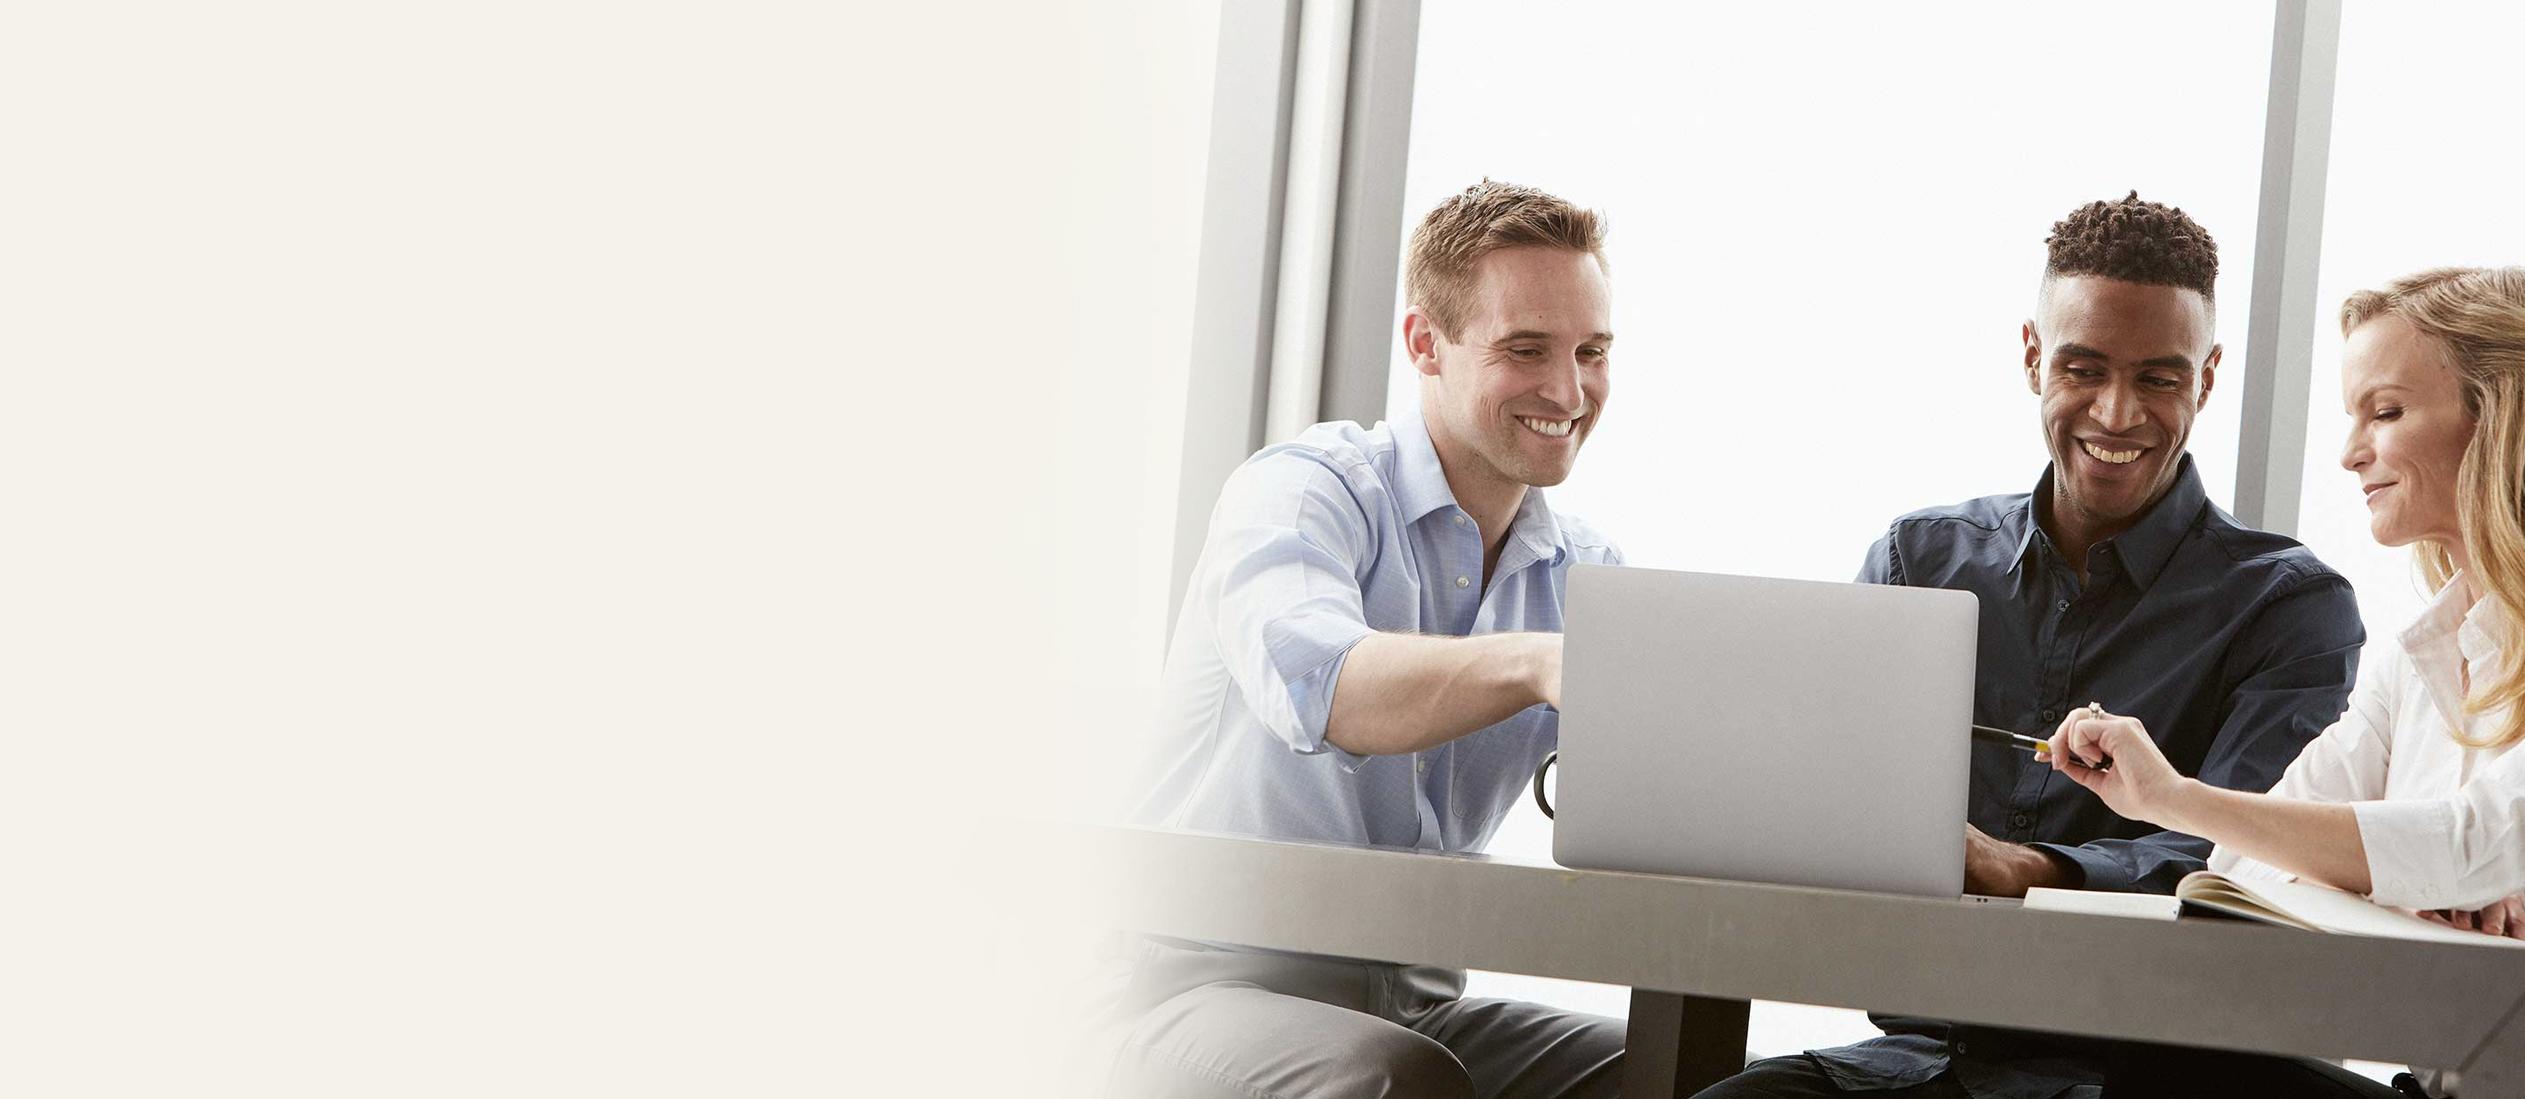 tech-service-banner-desktop